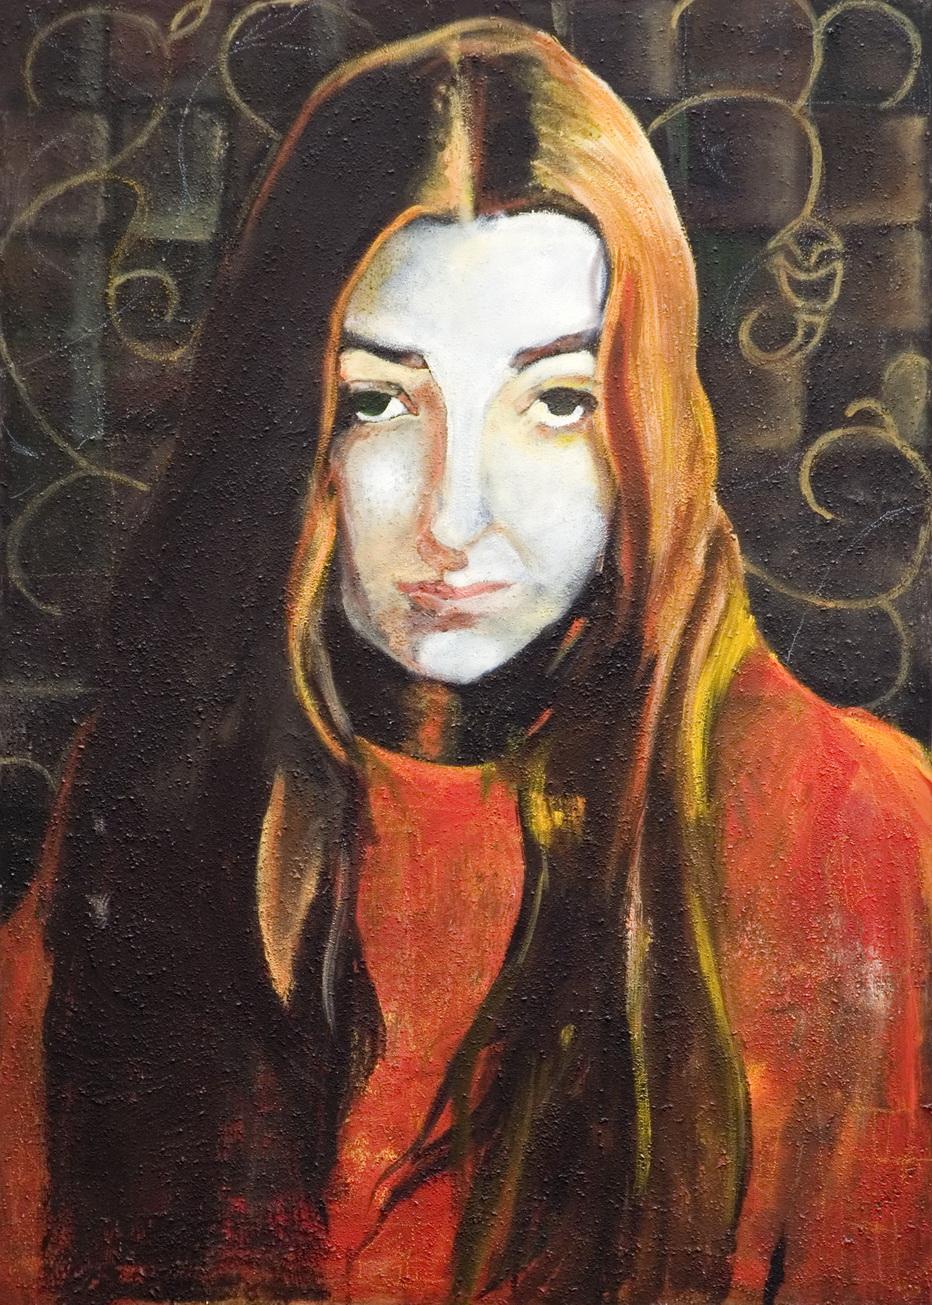 14-Leili Afshar.jpg